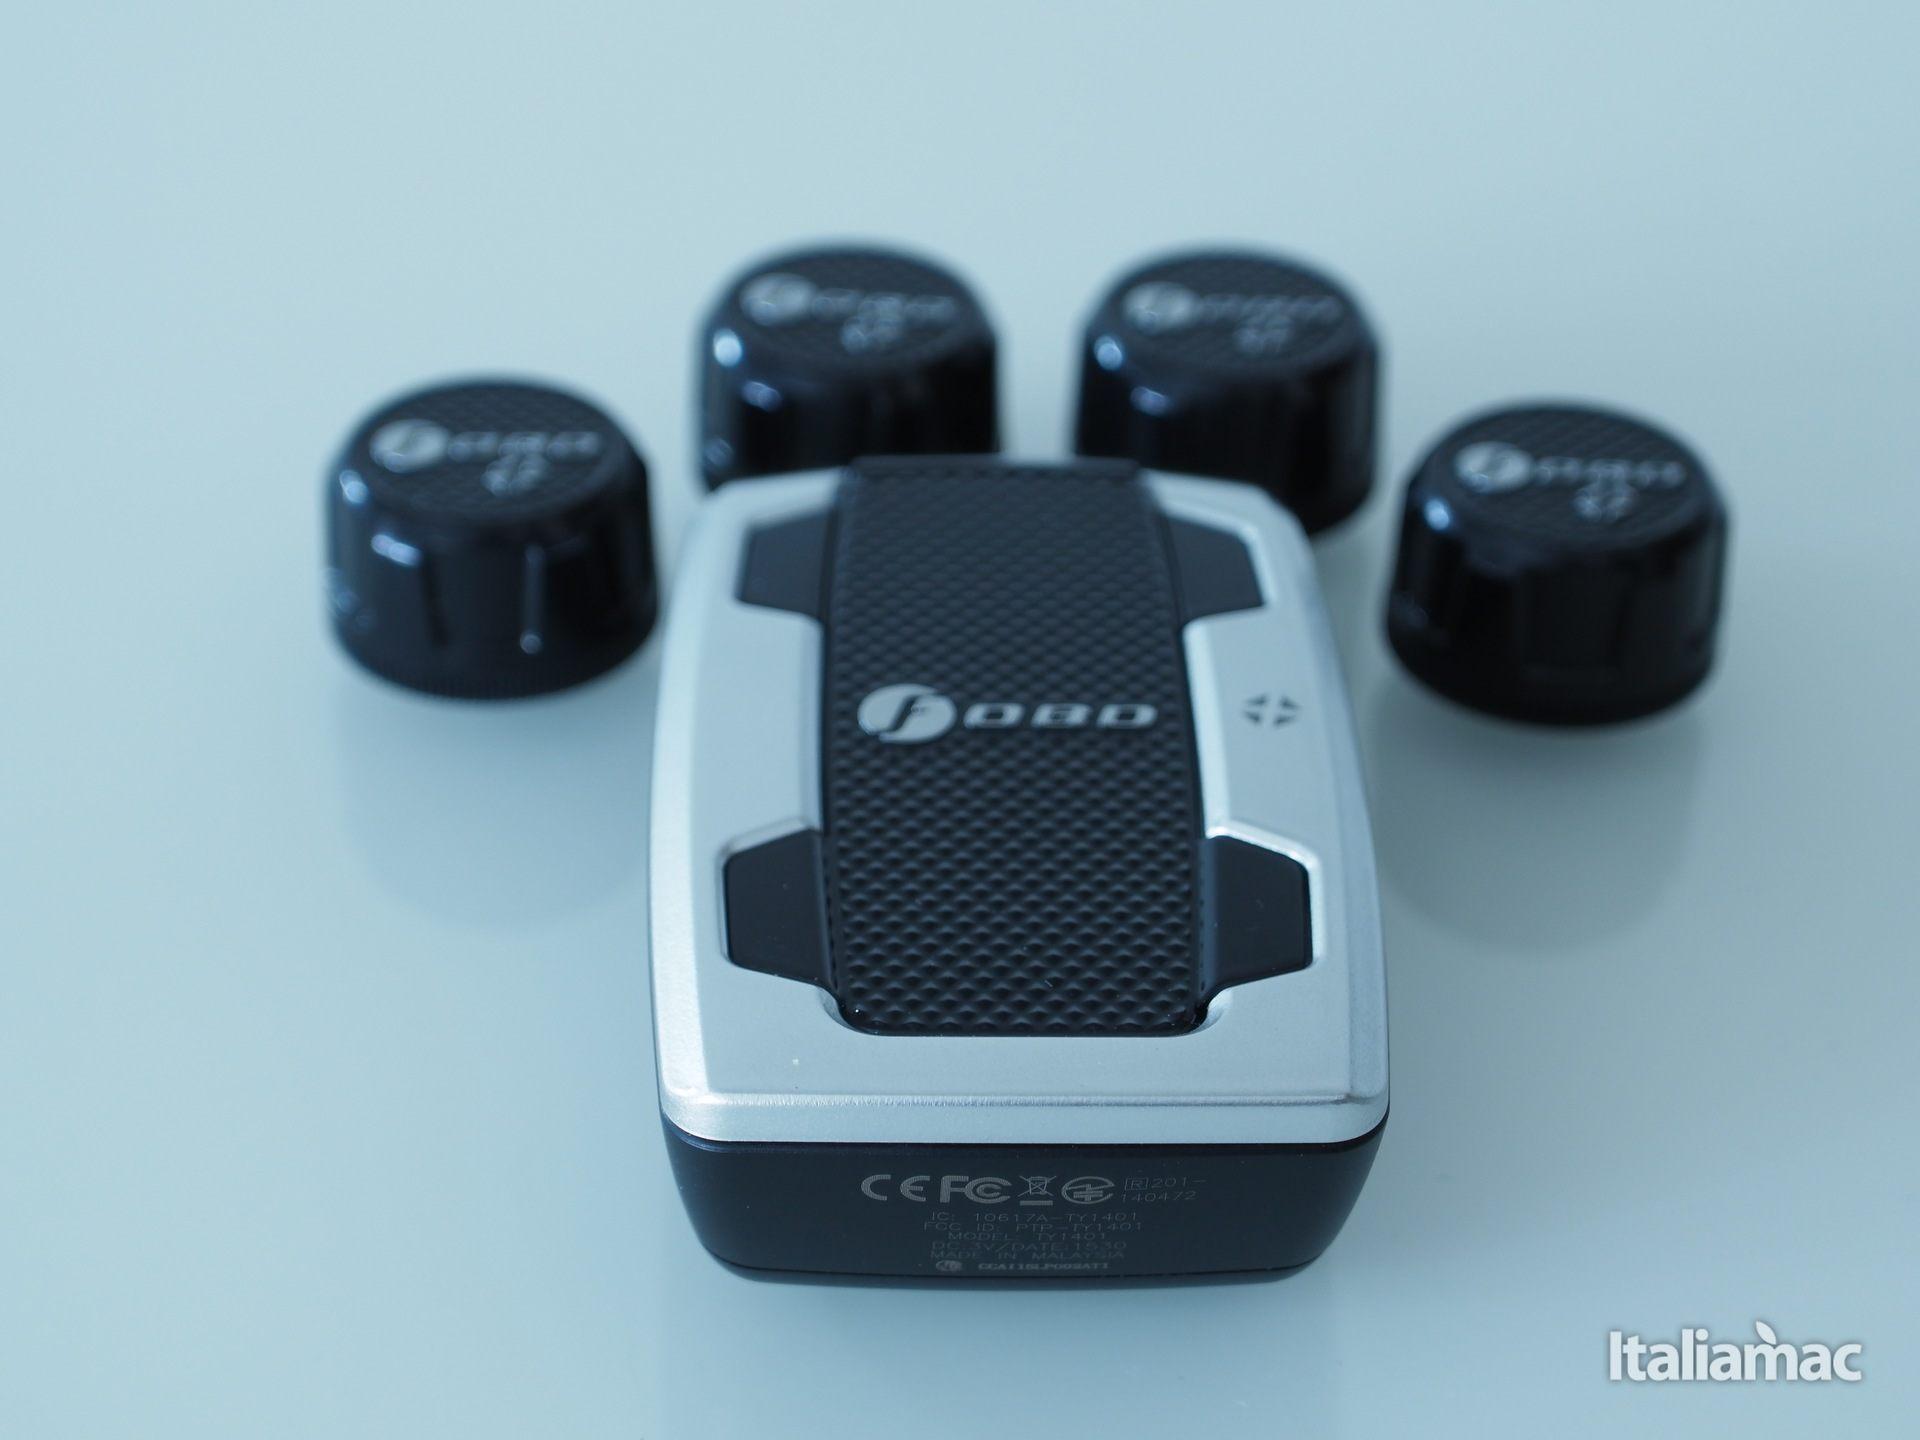 italiamac p3060913 FOBO Tire: Sensori intelligenti per la pressione degli pneumatici